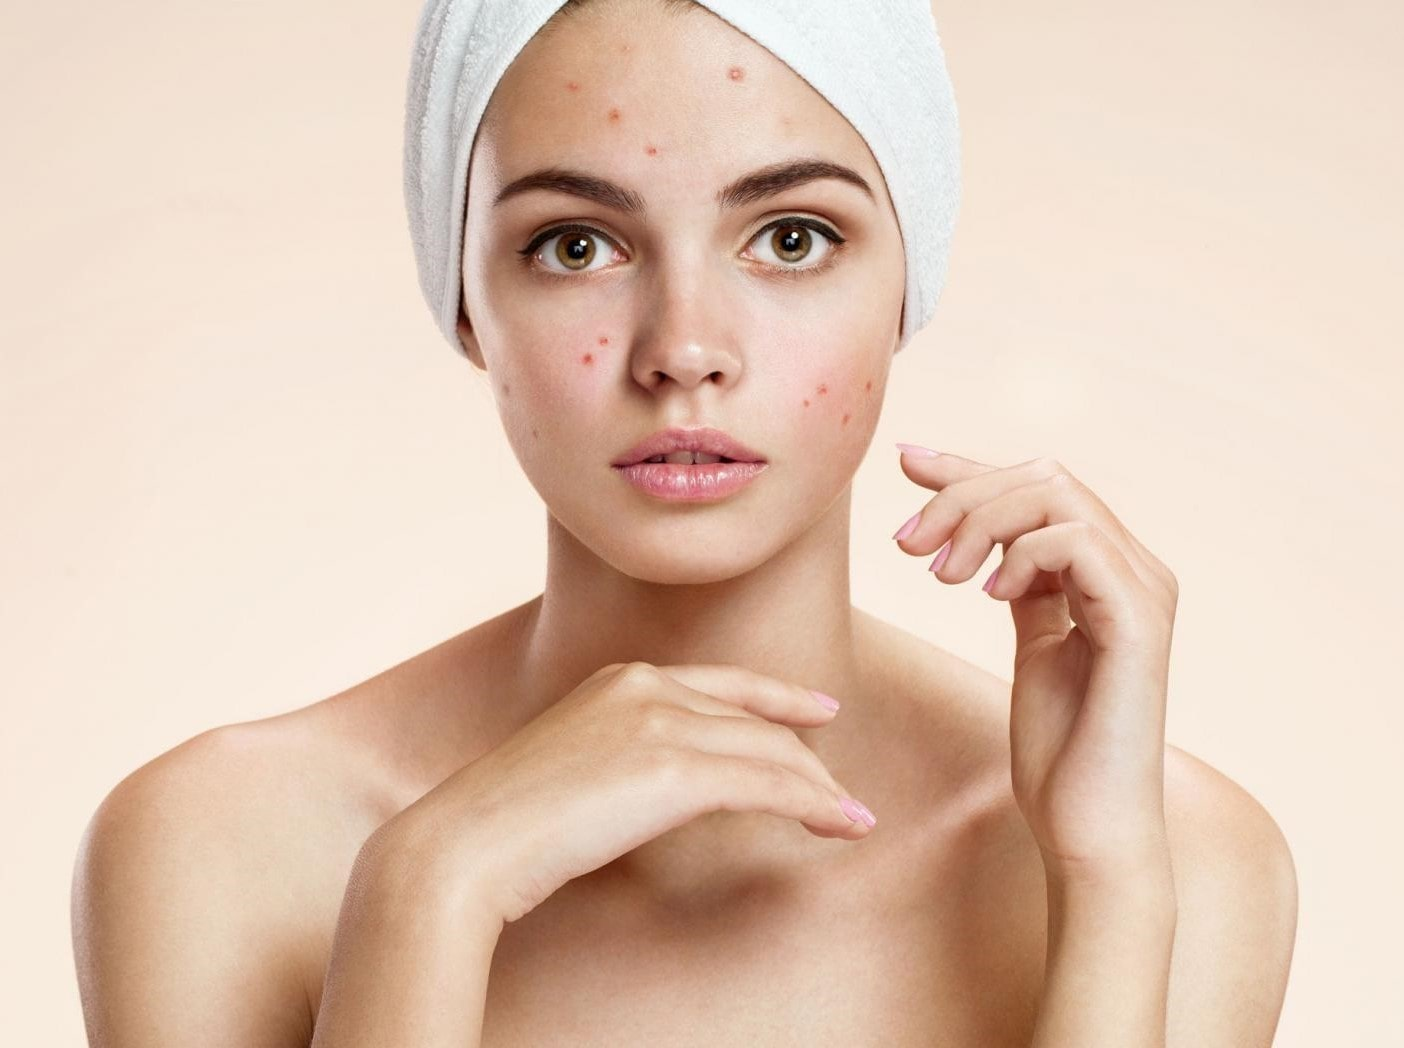 Τί να χρησιμοποιήσετε και πώς να φροντίσετε το δέρμα που είναι επηρεασμένο από ακμή;